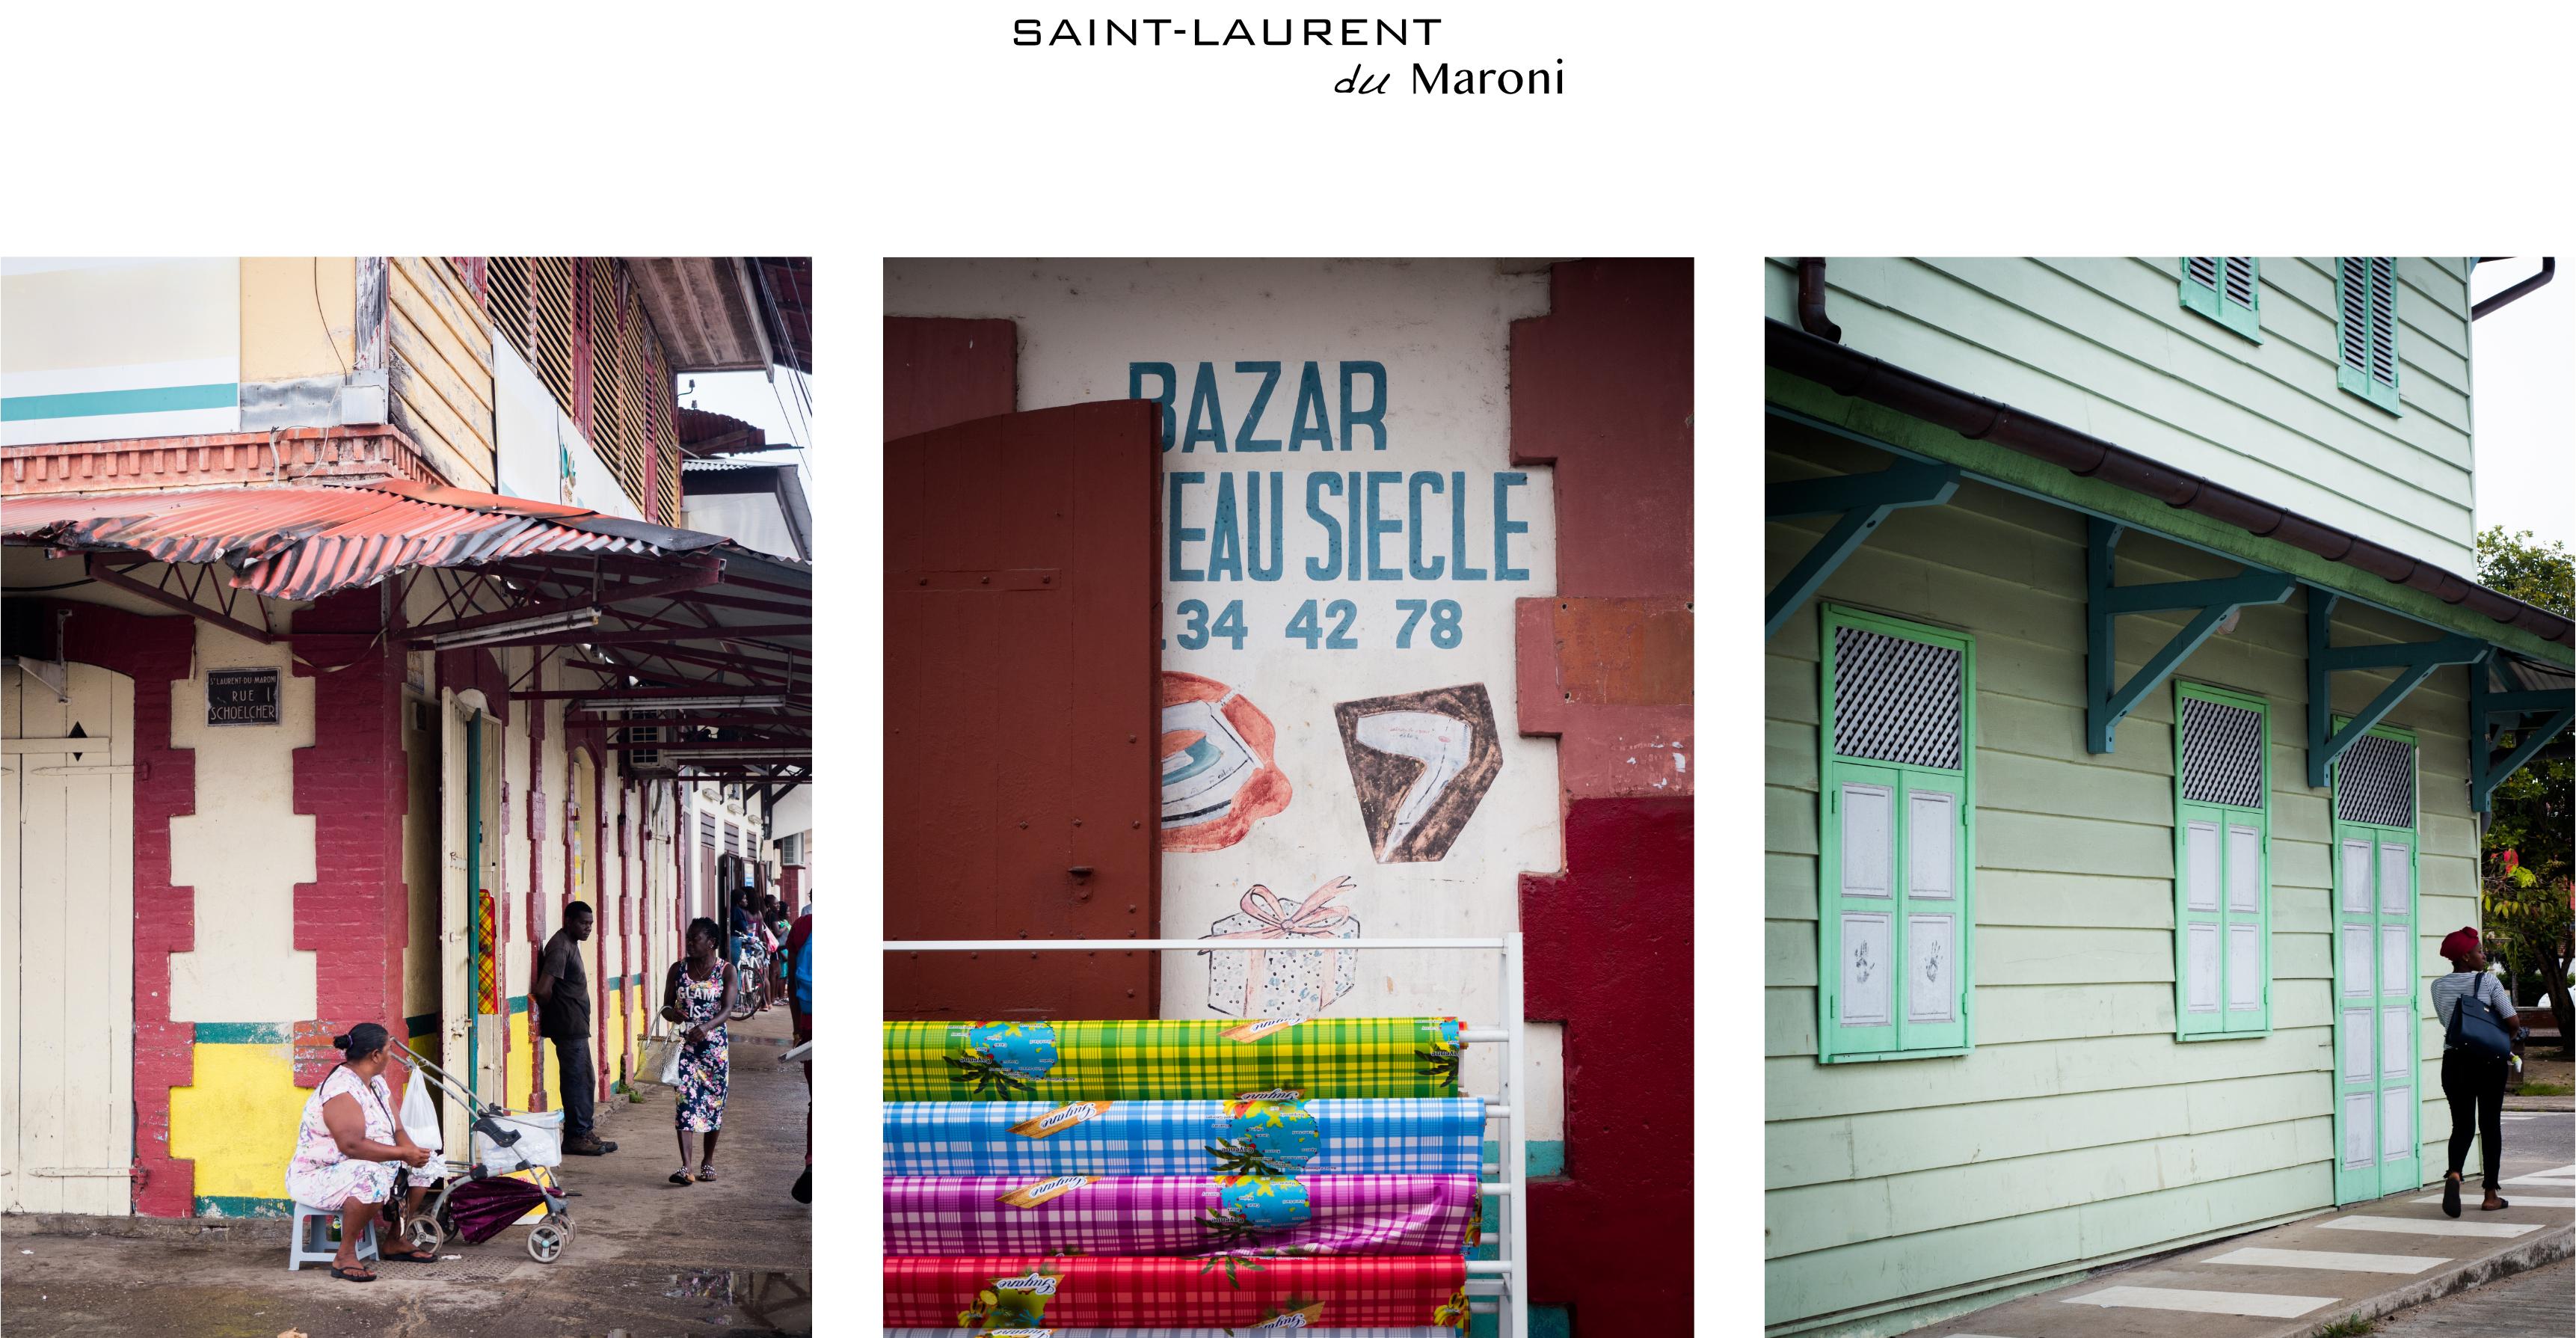 Saint-Laurent du Maroni - Carnet de voyage photo en Guyane française